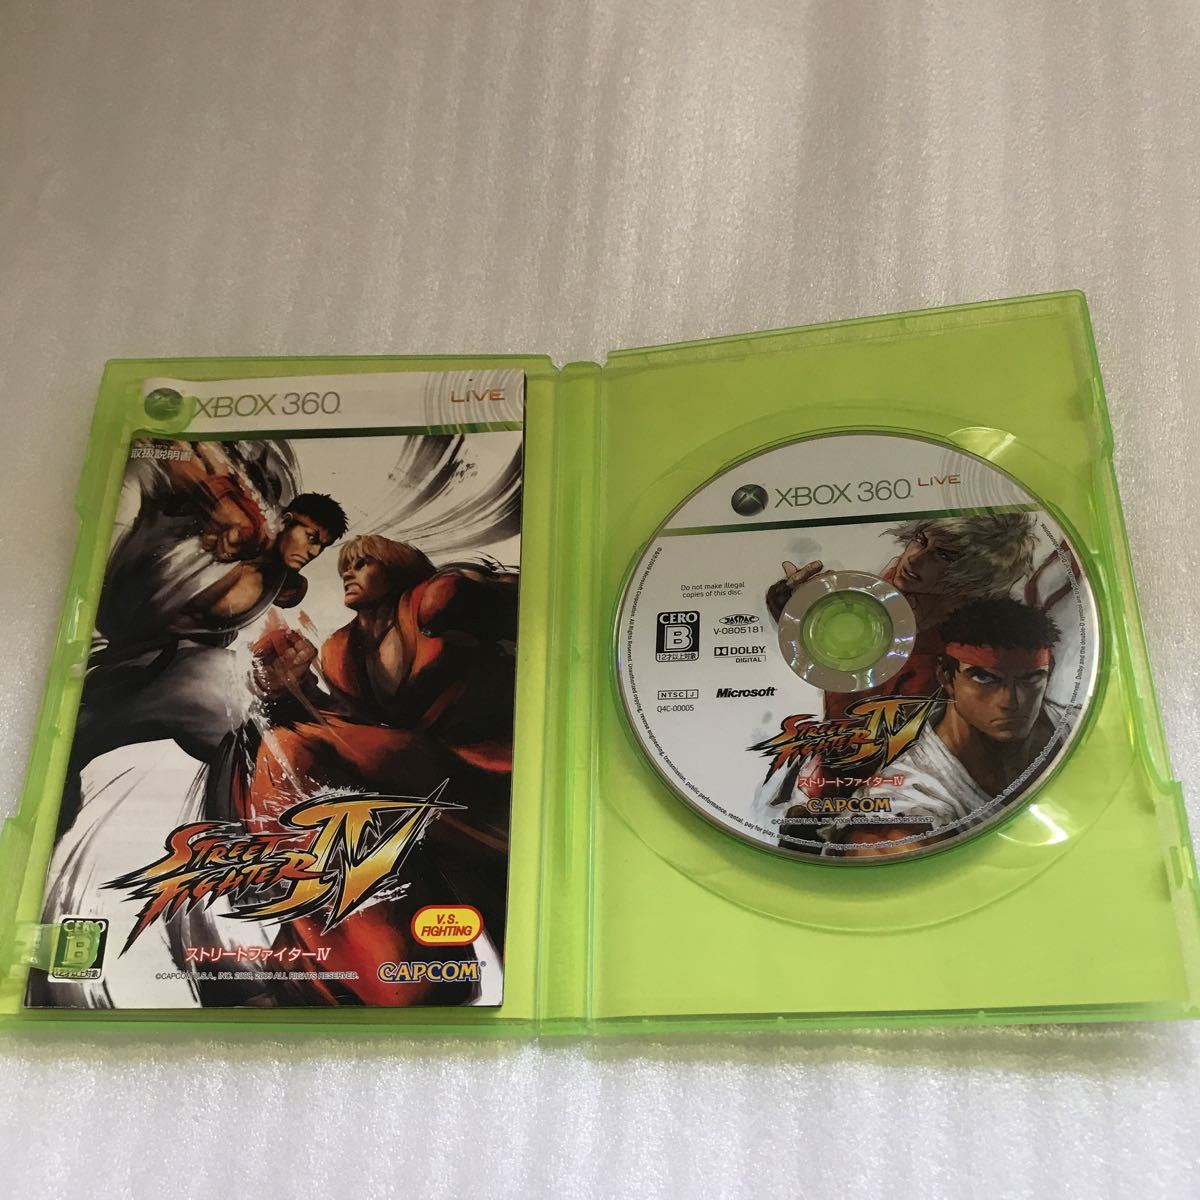 XBOX360 ソフト STREET FIGHTER Ⅳ ストリートファイター4